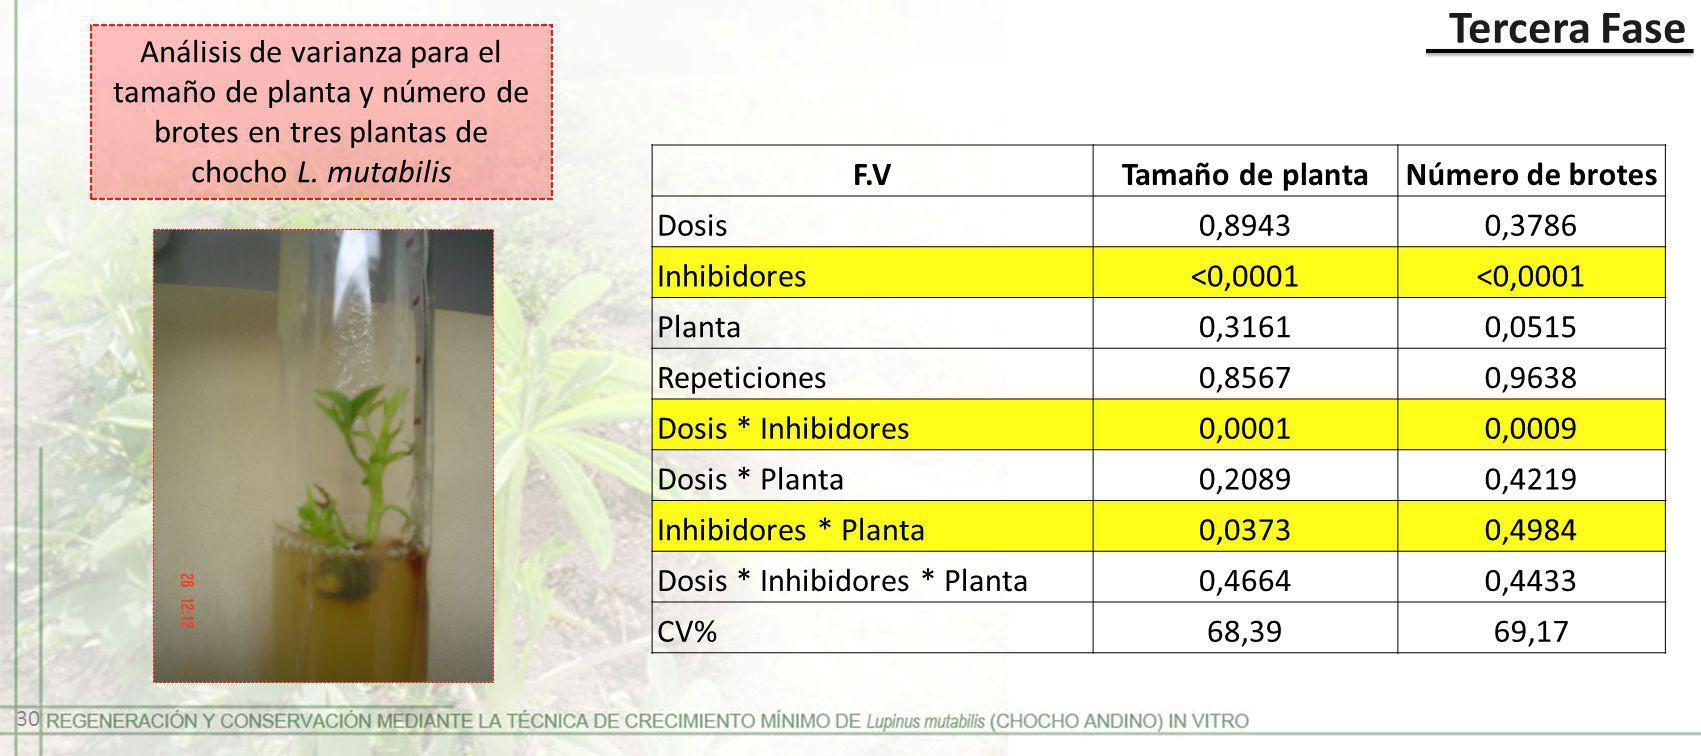 F.V Tamaño de planta Número de brotes